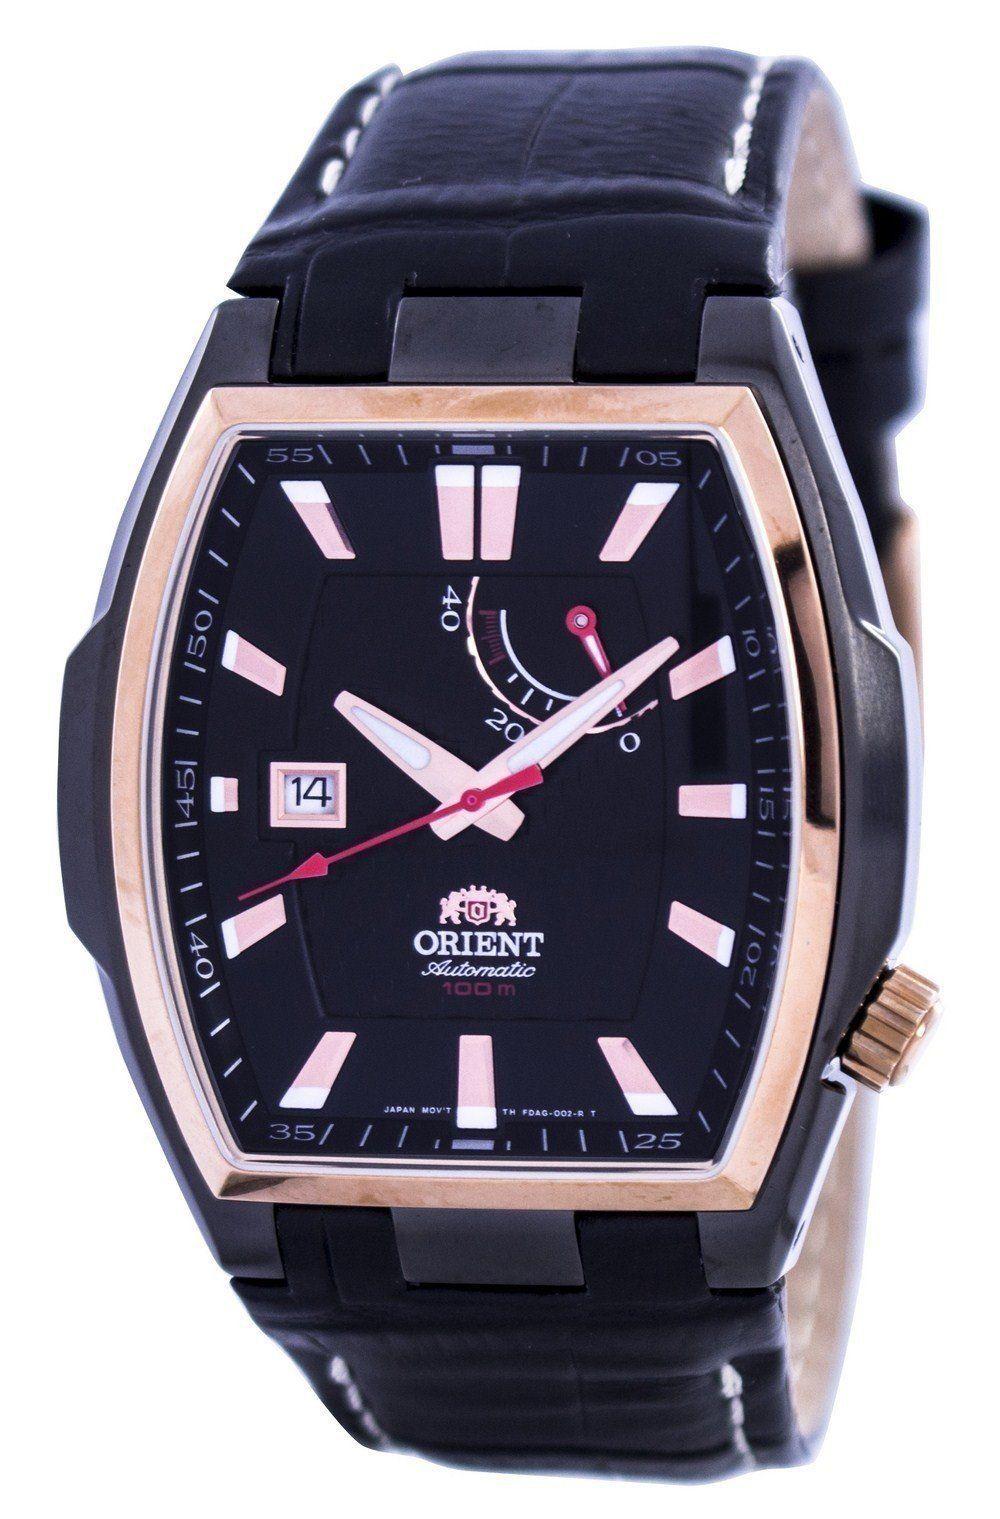 นาฬิกาผู้ชาย Orient รุ่น FFDAG001B0, Automatic